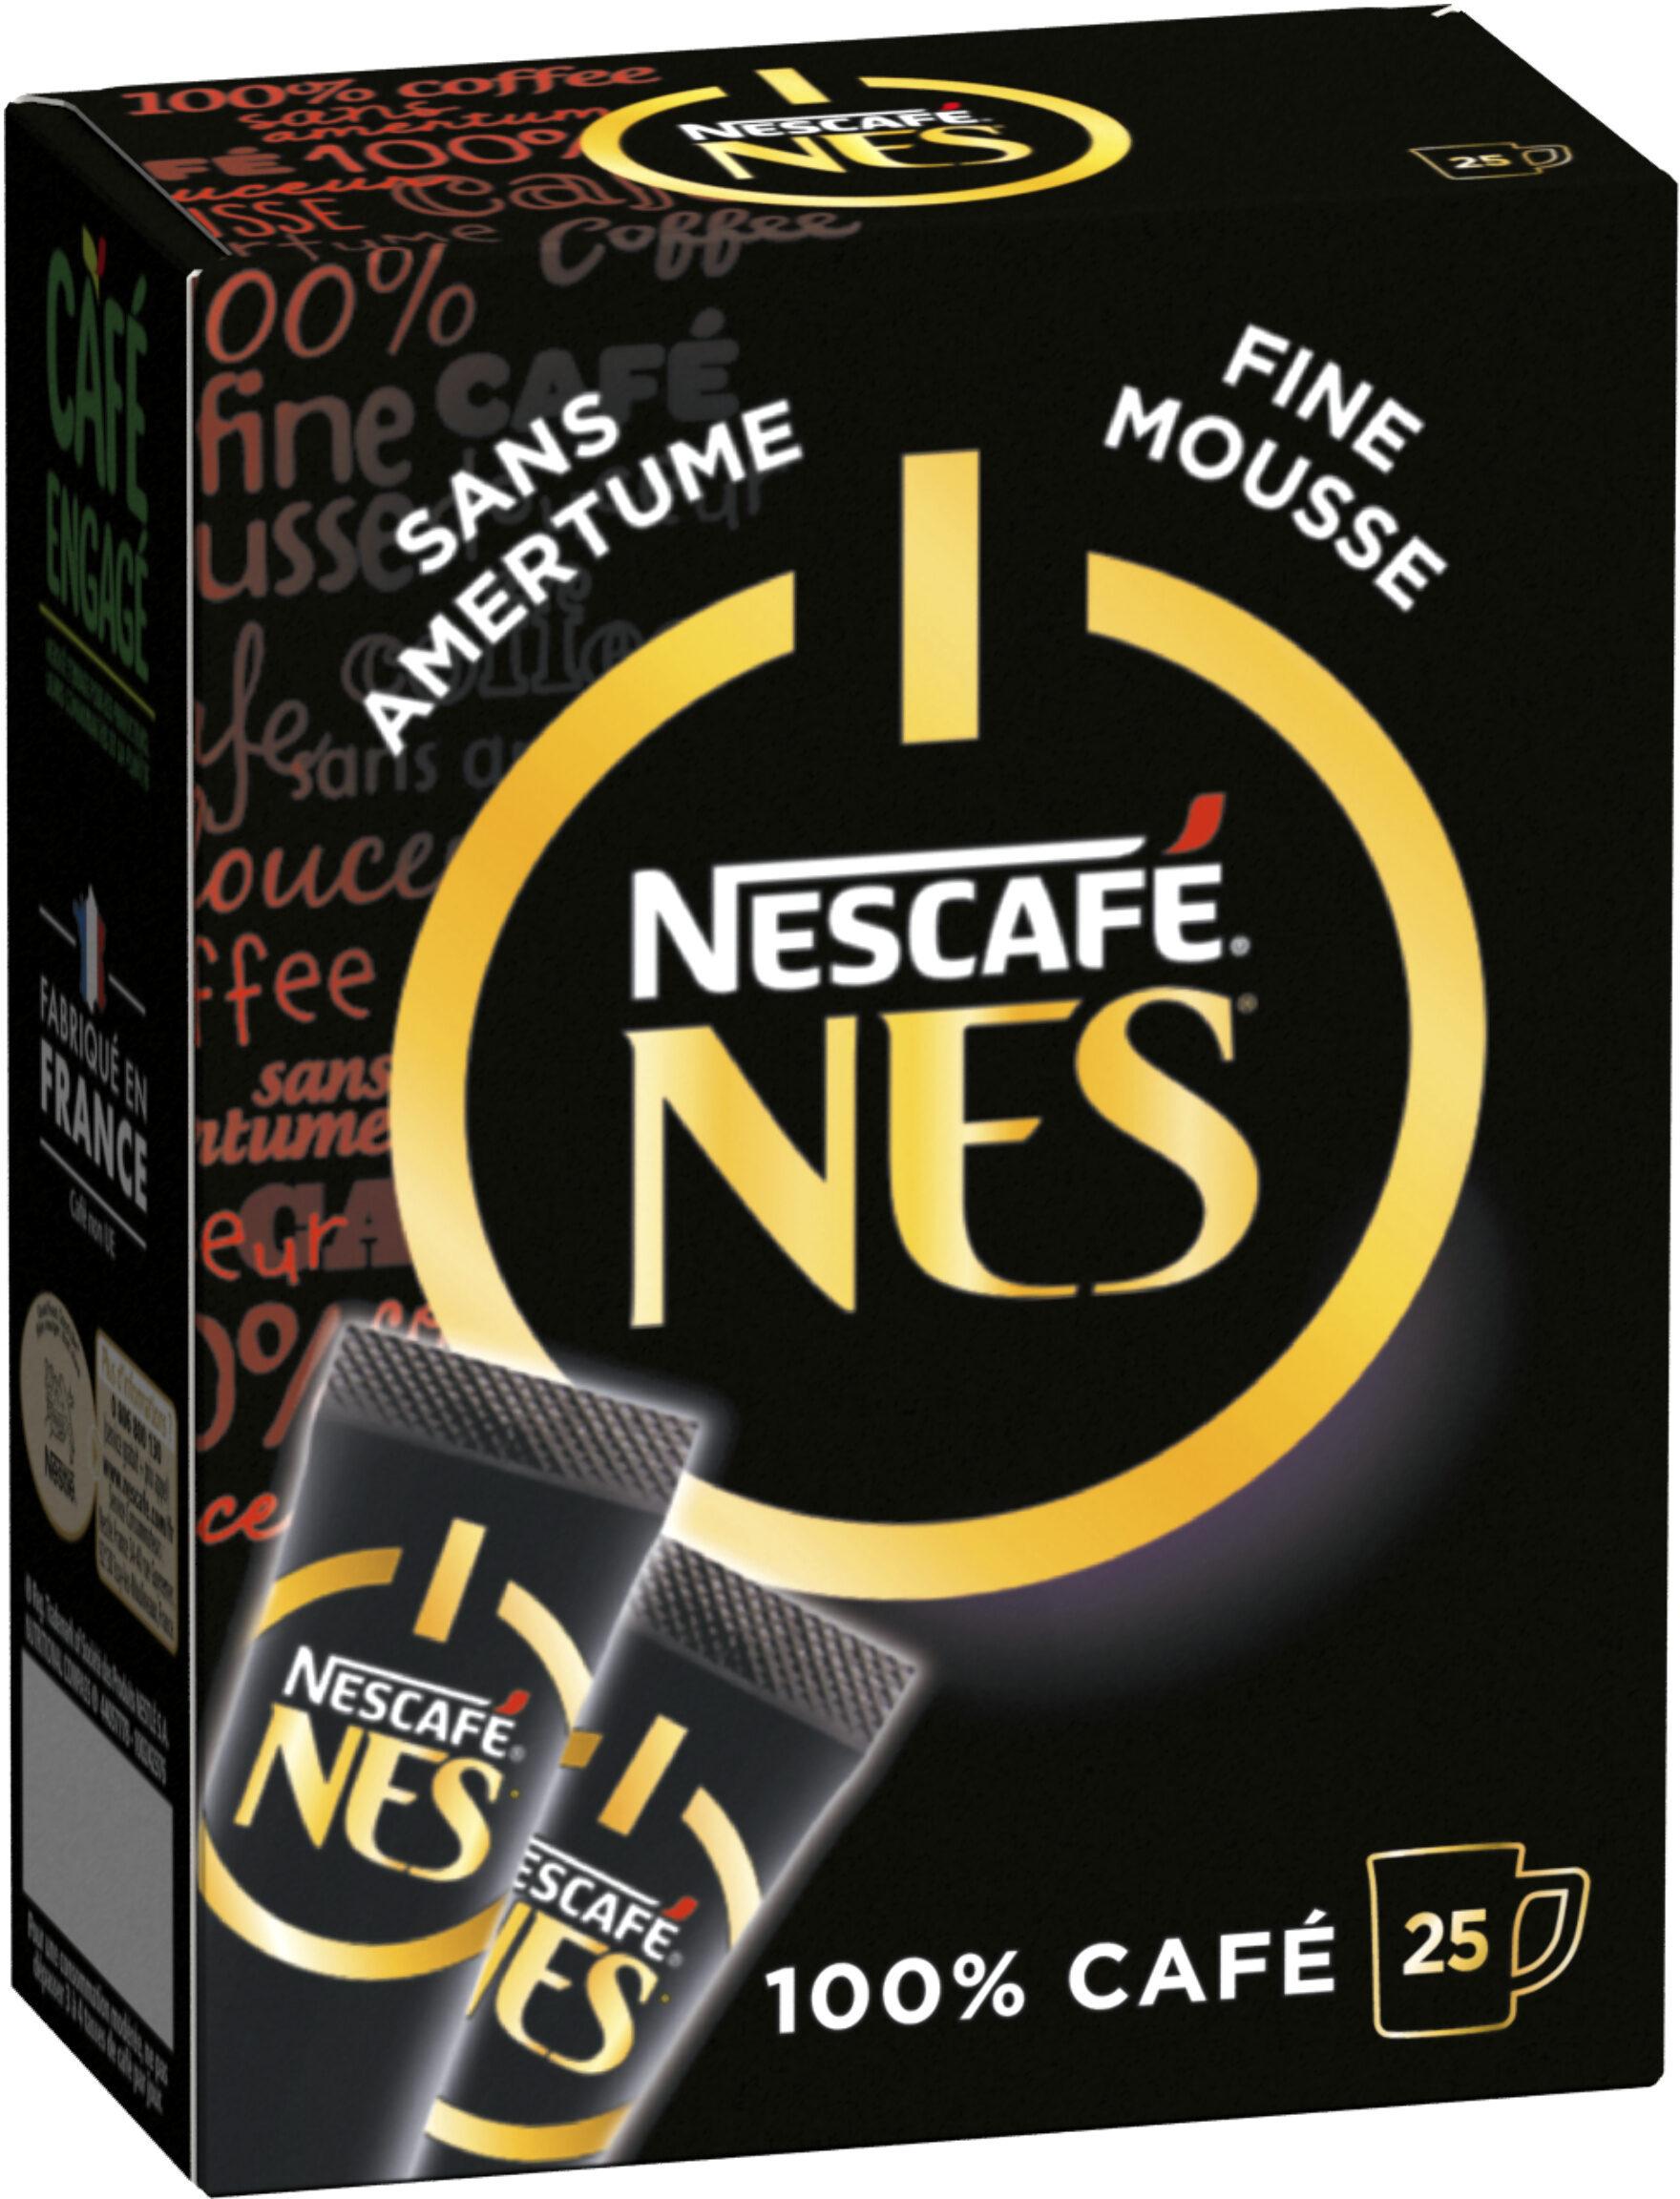 Nescafé NES - Produit - fr